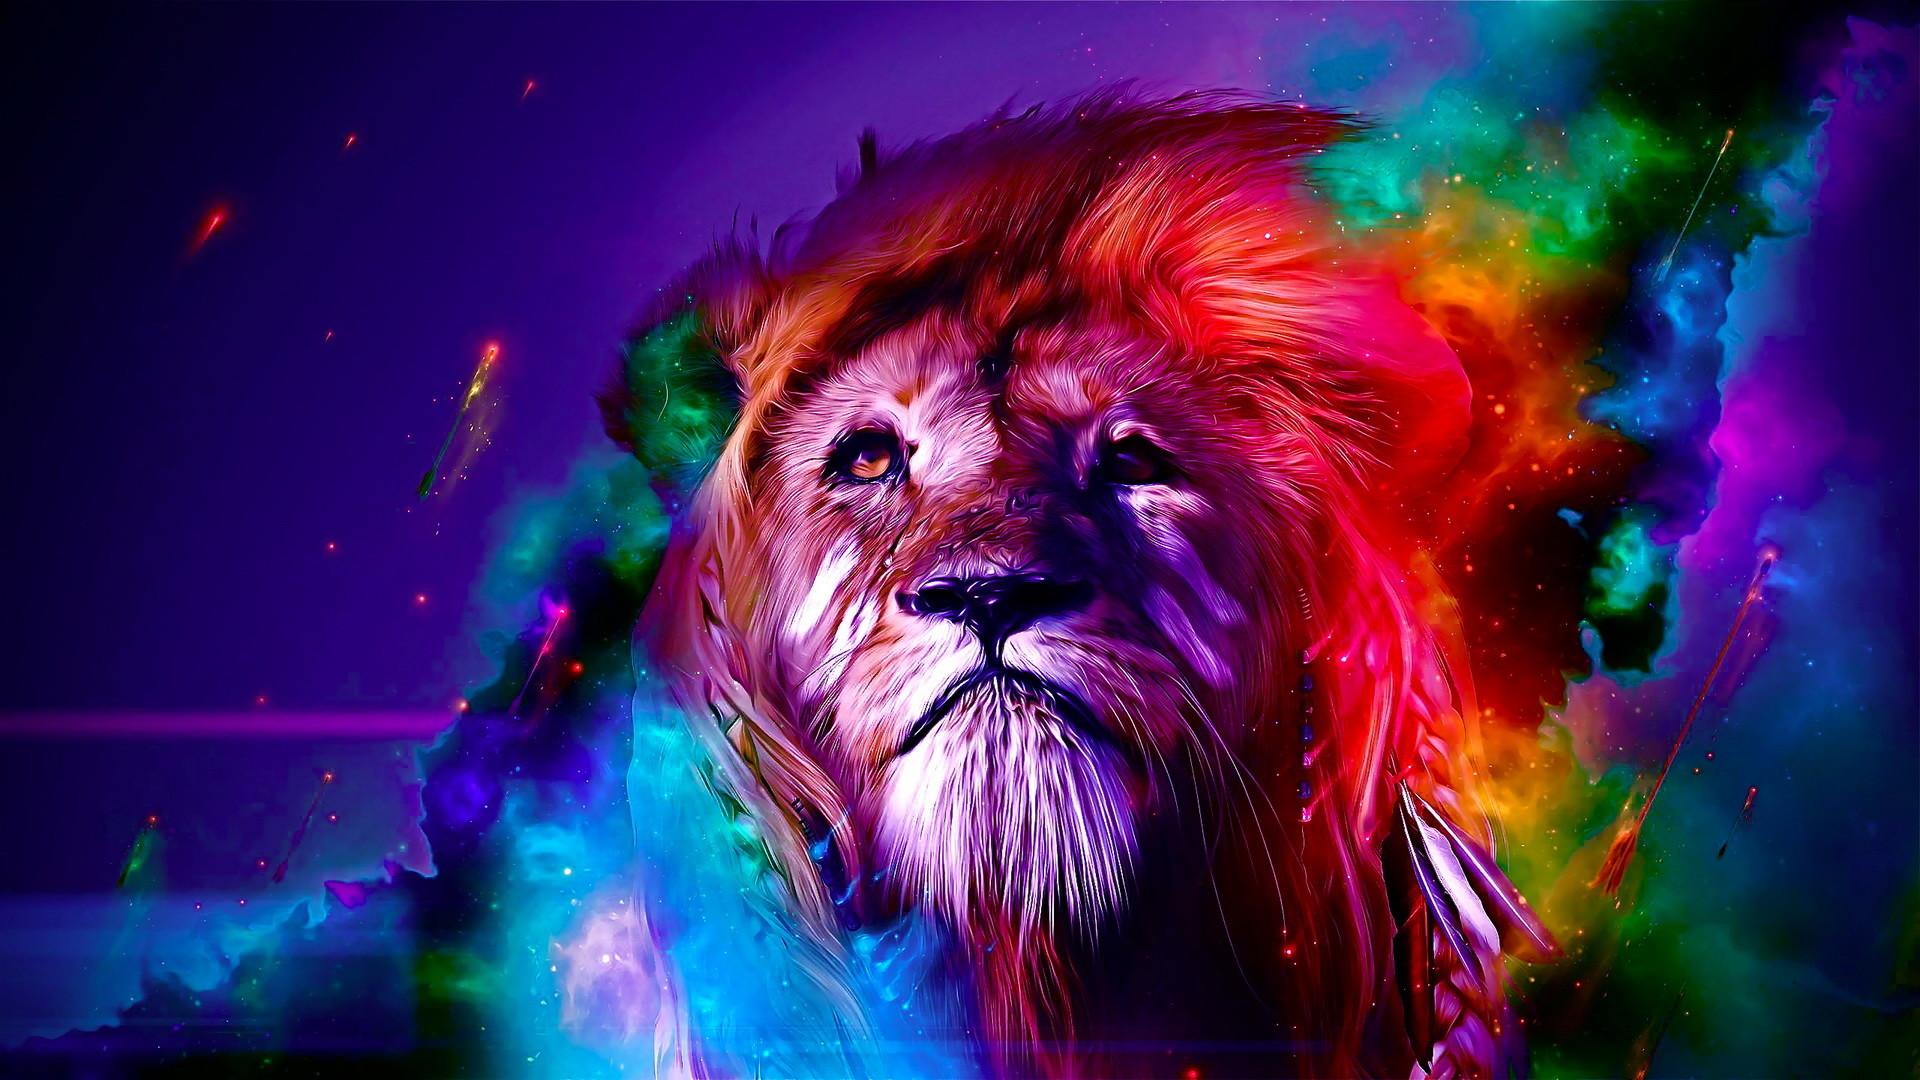 创意狮子彩绘高清win7壁纸下载_高清精选桌面壁纸 .